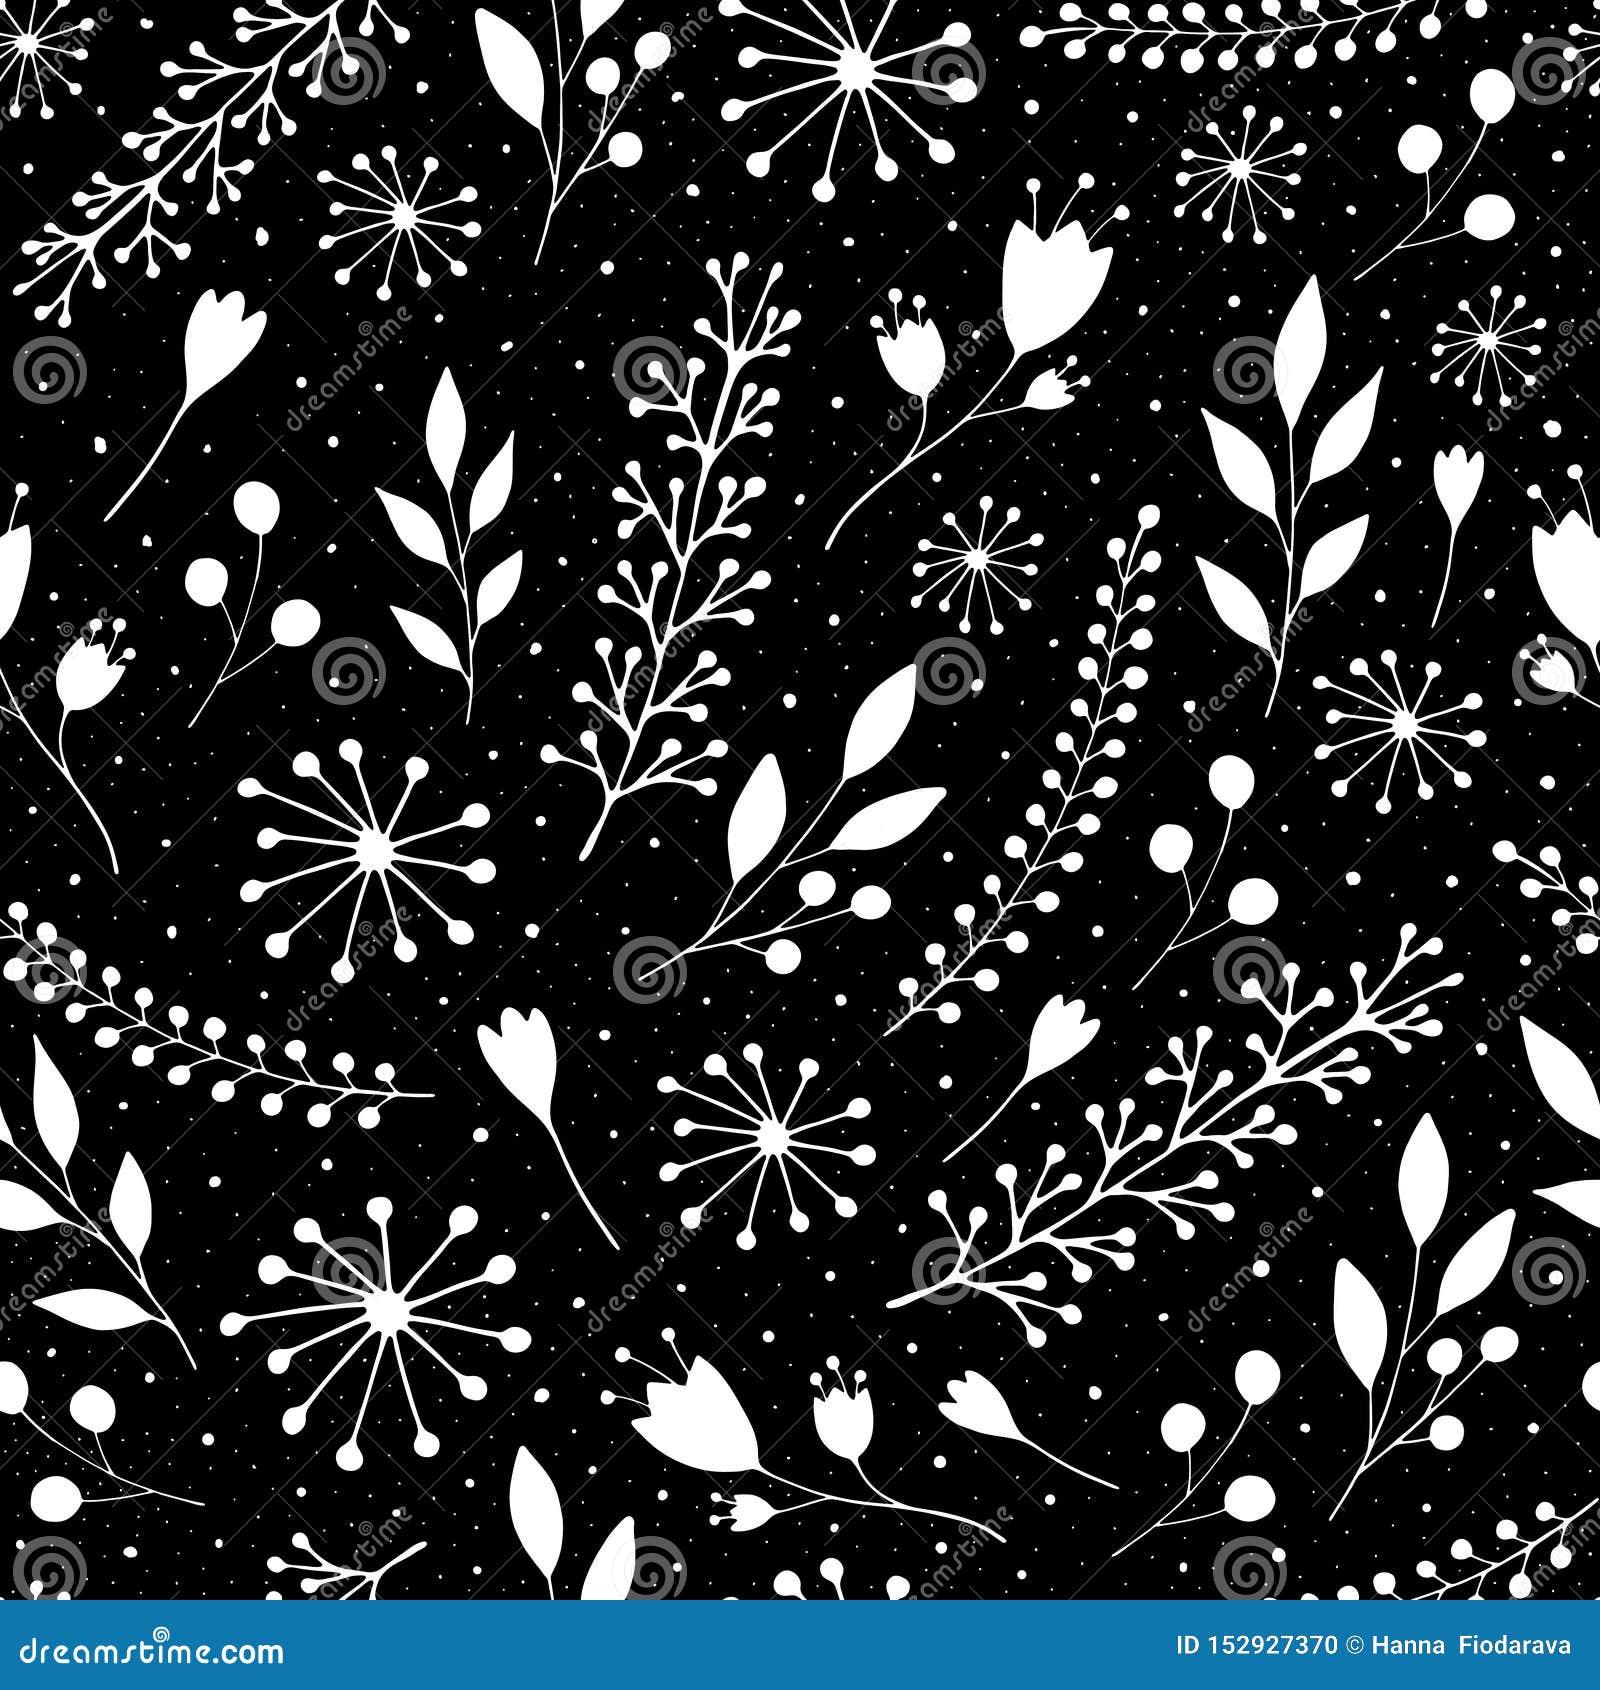 Άνευ ραφής σχέδιο με τα χαριτωμένα λουλούδια και τα κλαδάκια σε ένα μαύρο υπόβαθρο